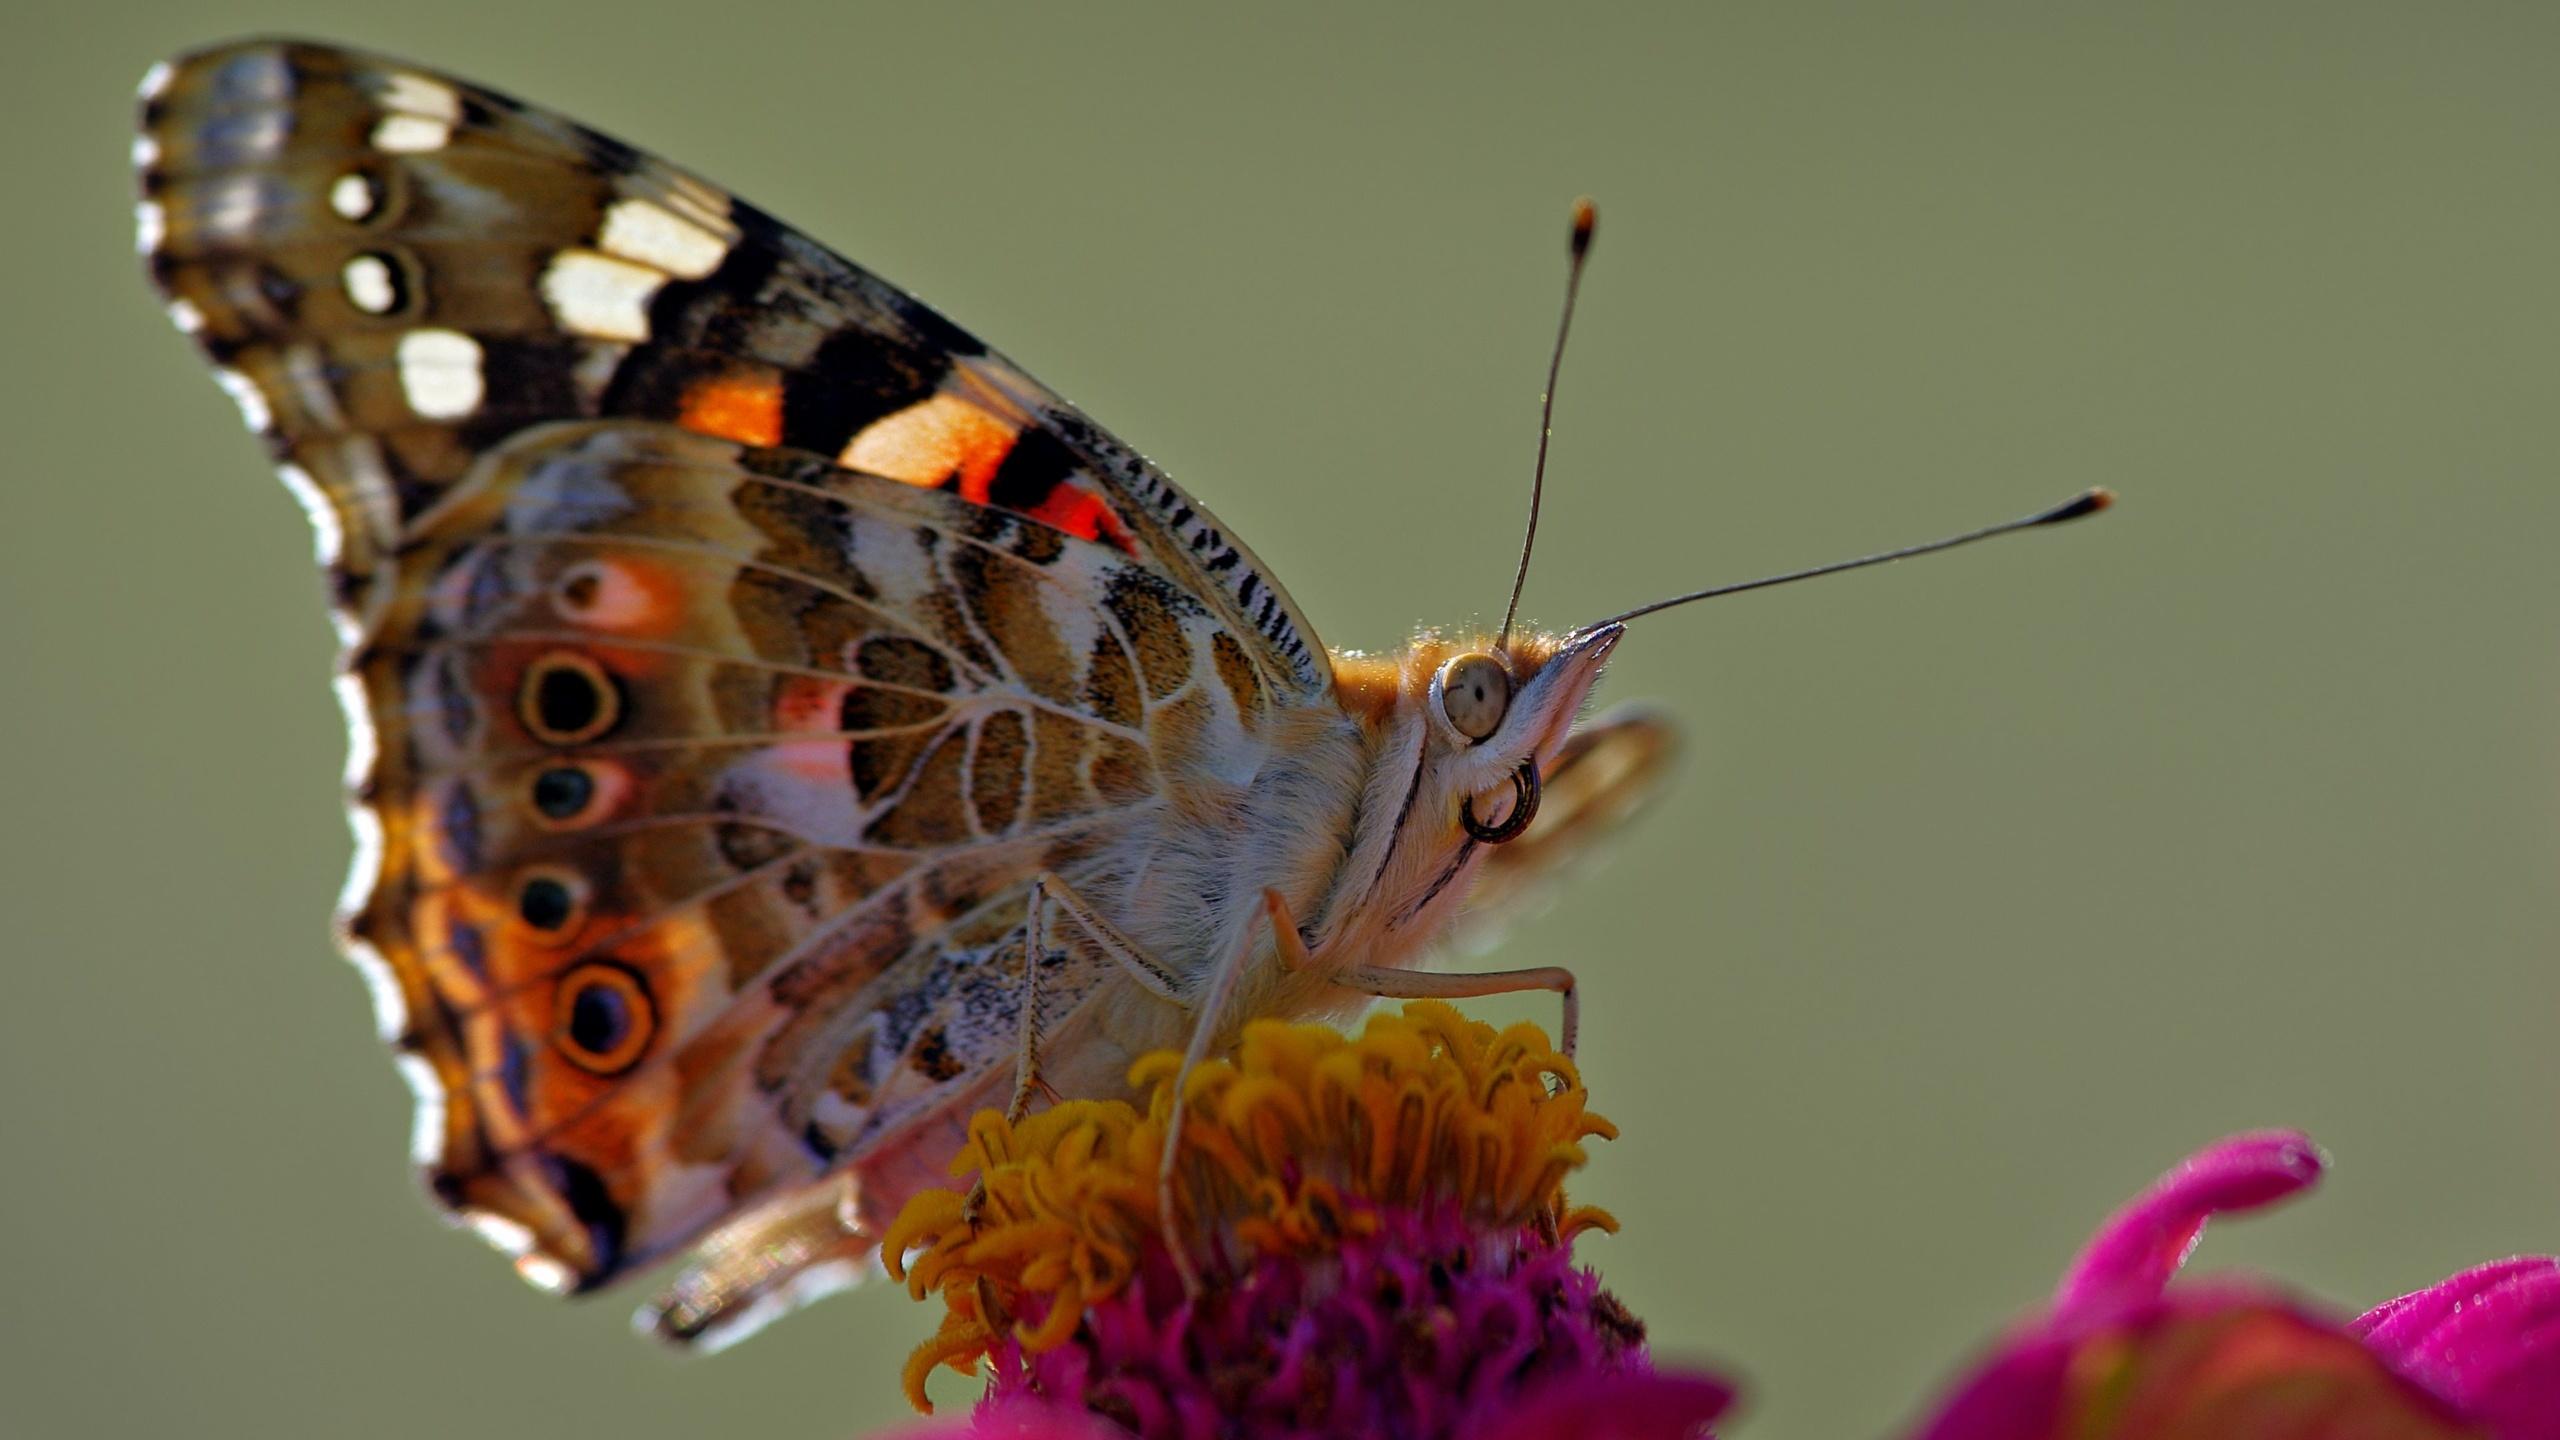 насекомые, макро, цвета, пчела, оса, животные